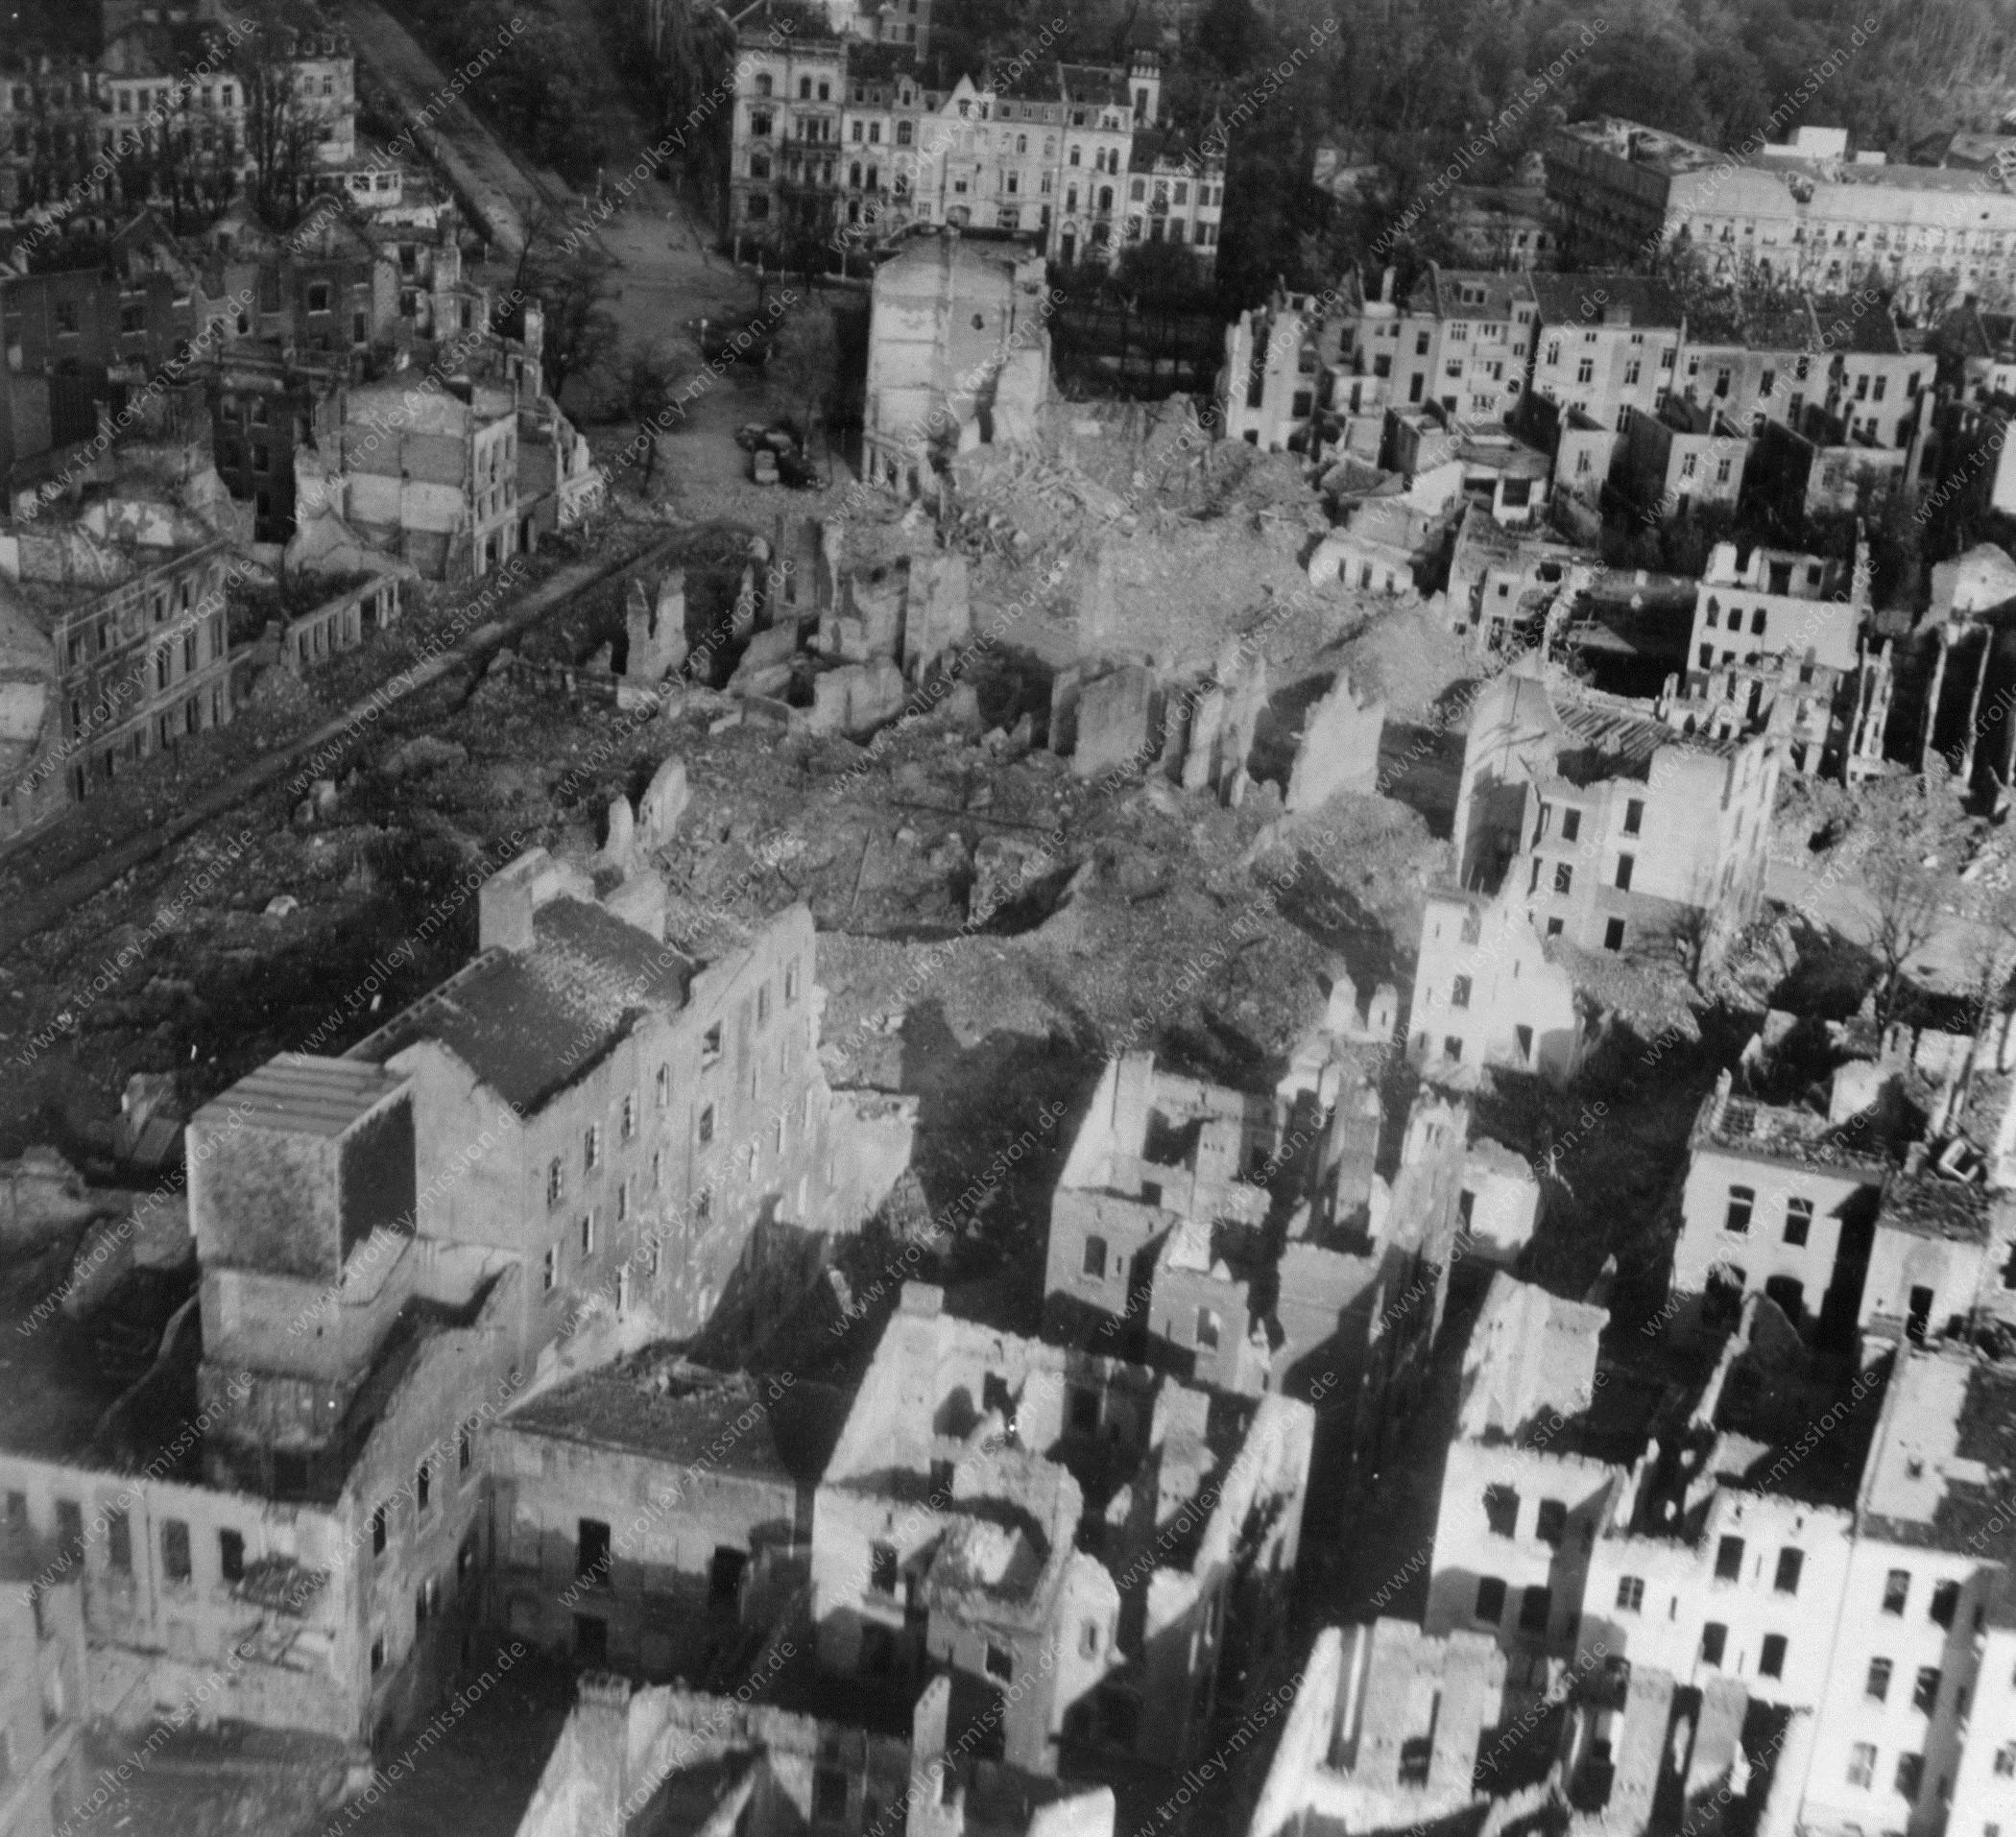 Aachen - Unbekannte Straßen und Gebäude nach dem Zweiten Weltkrieg (USASC-38)